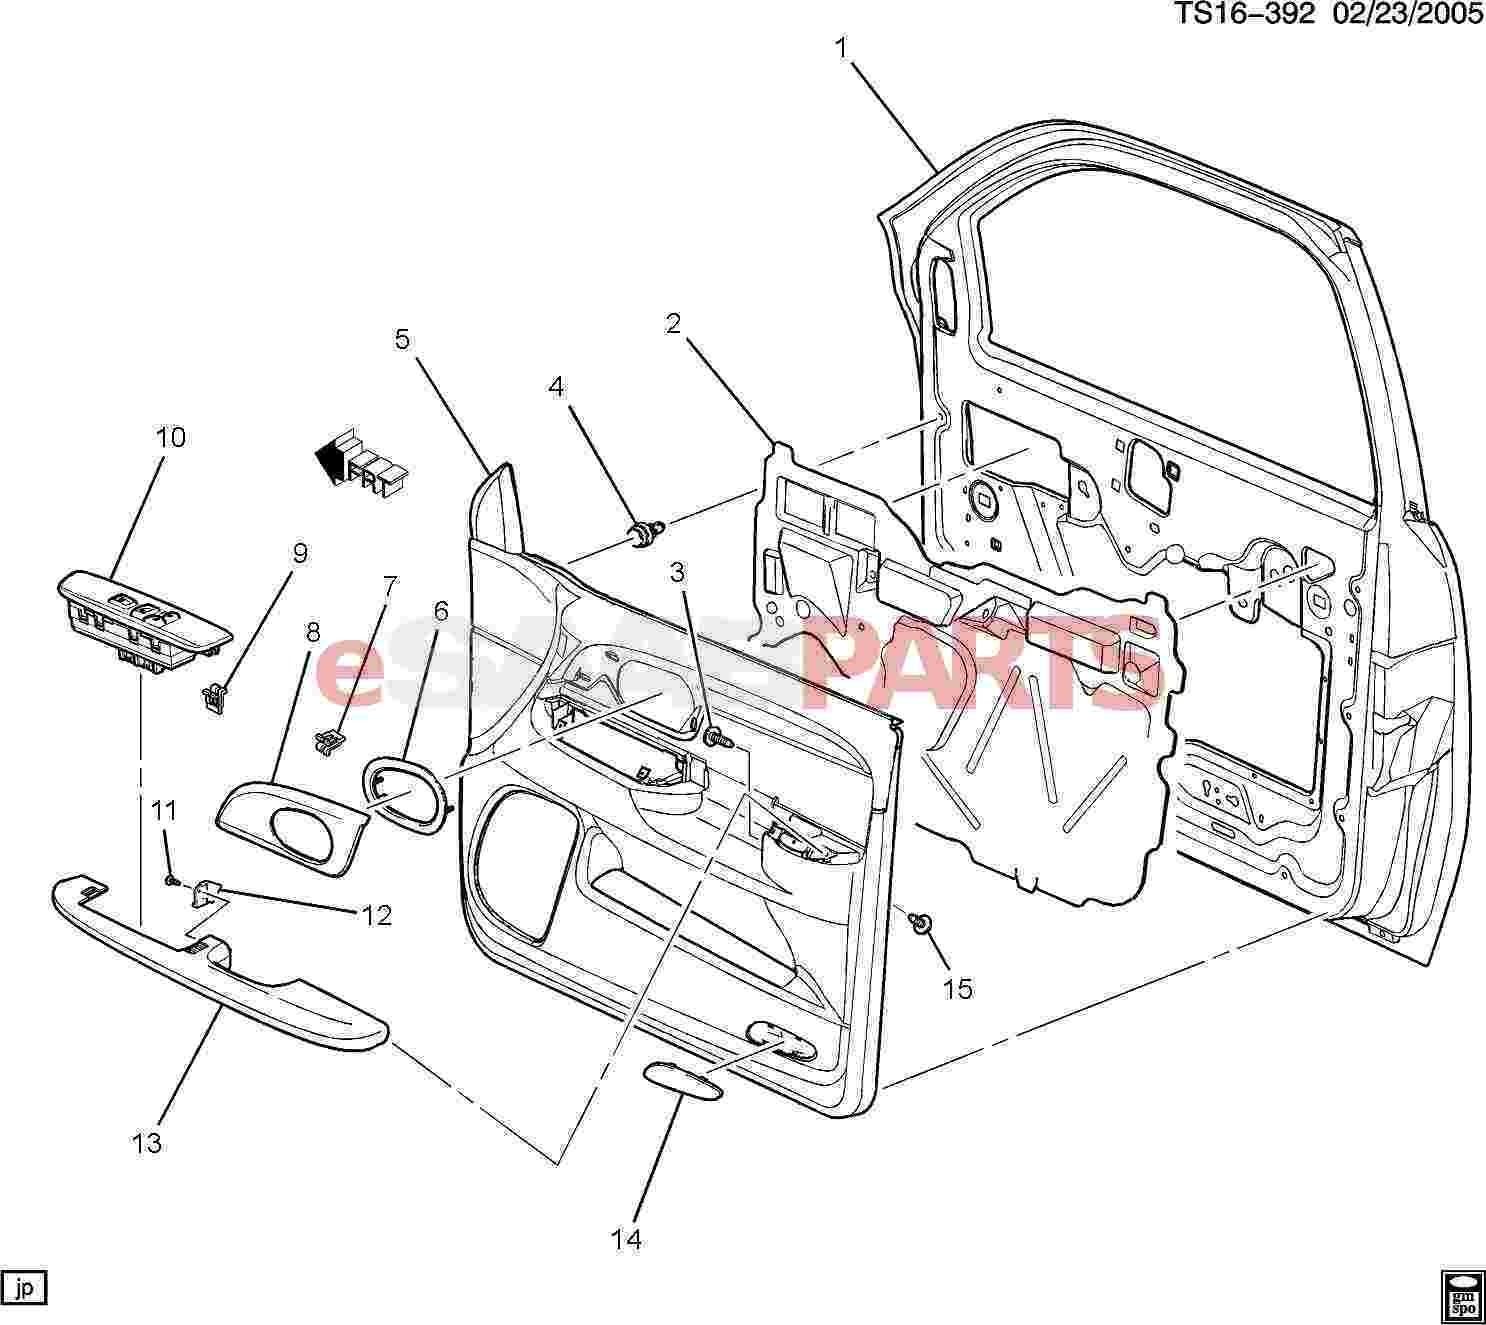 Car Body Diagram Parts ] Saab Bolt Hwh with Fl Wa M4 2×1 41×20 12 5 O D Dog Pt Of Car Body Diagram Parts